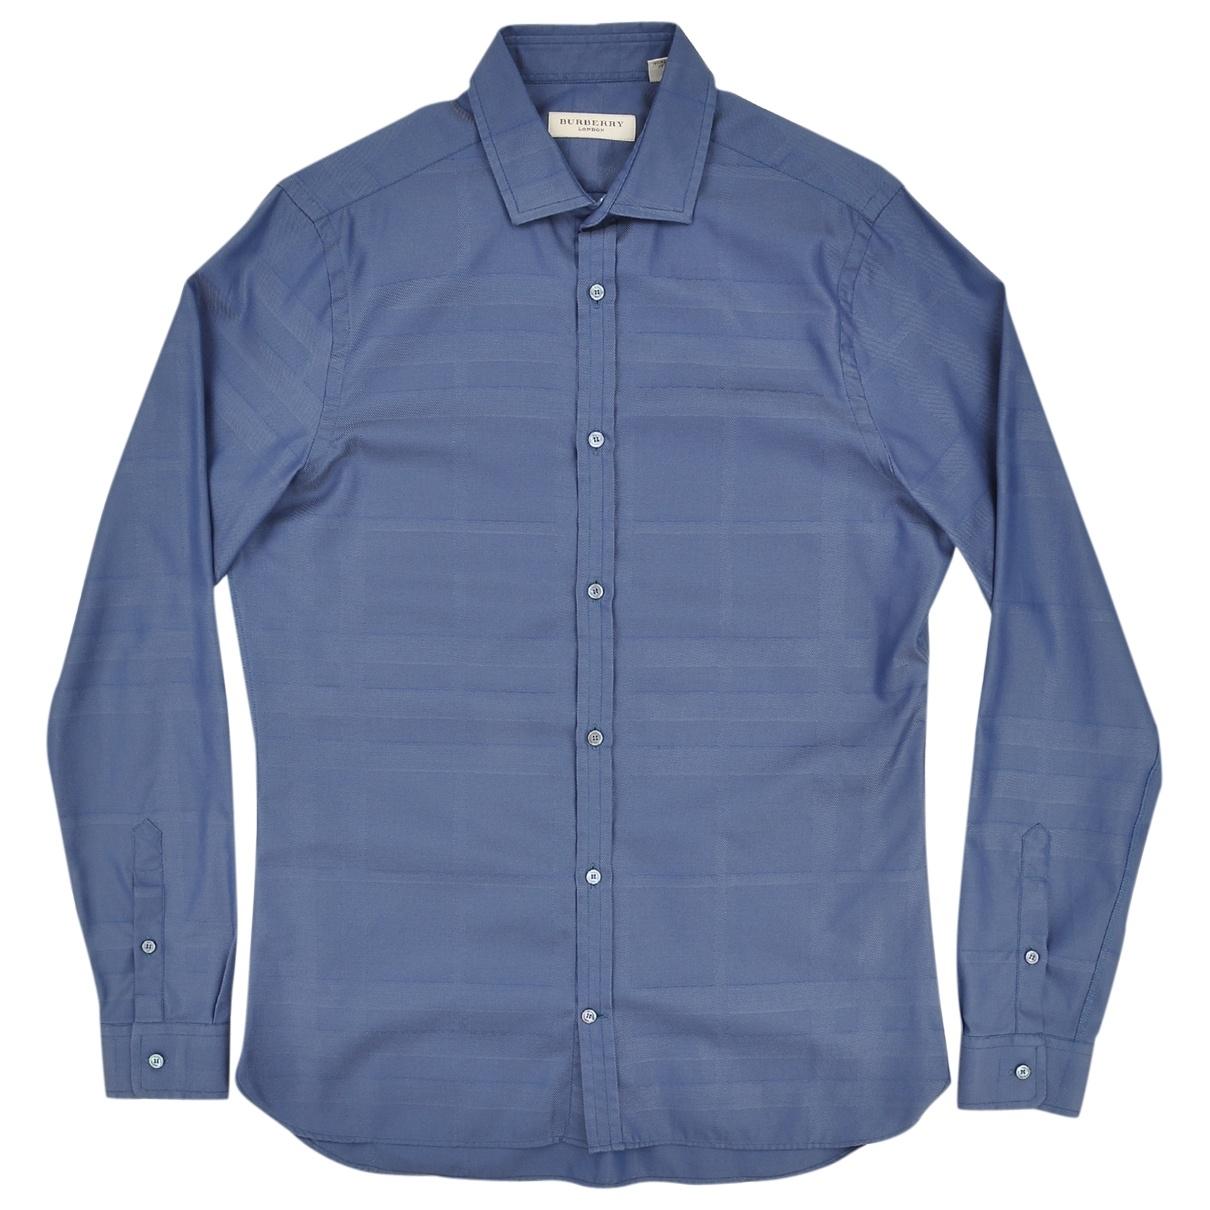 Burberry \N Navy Cotton Shirts for Men 38 EU (tour de cou / collar)